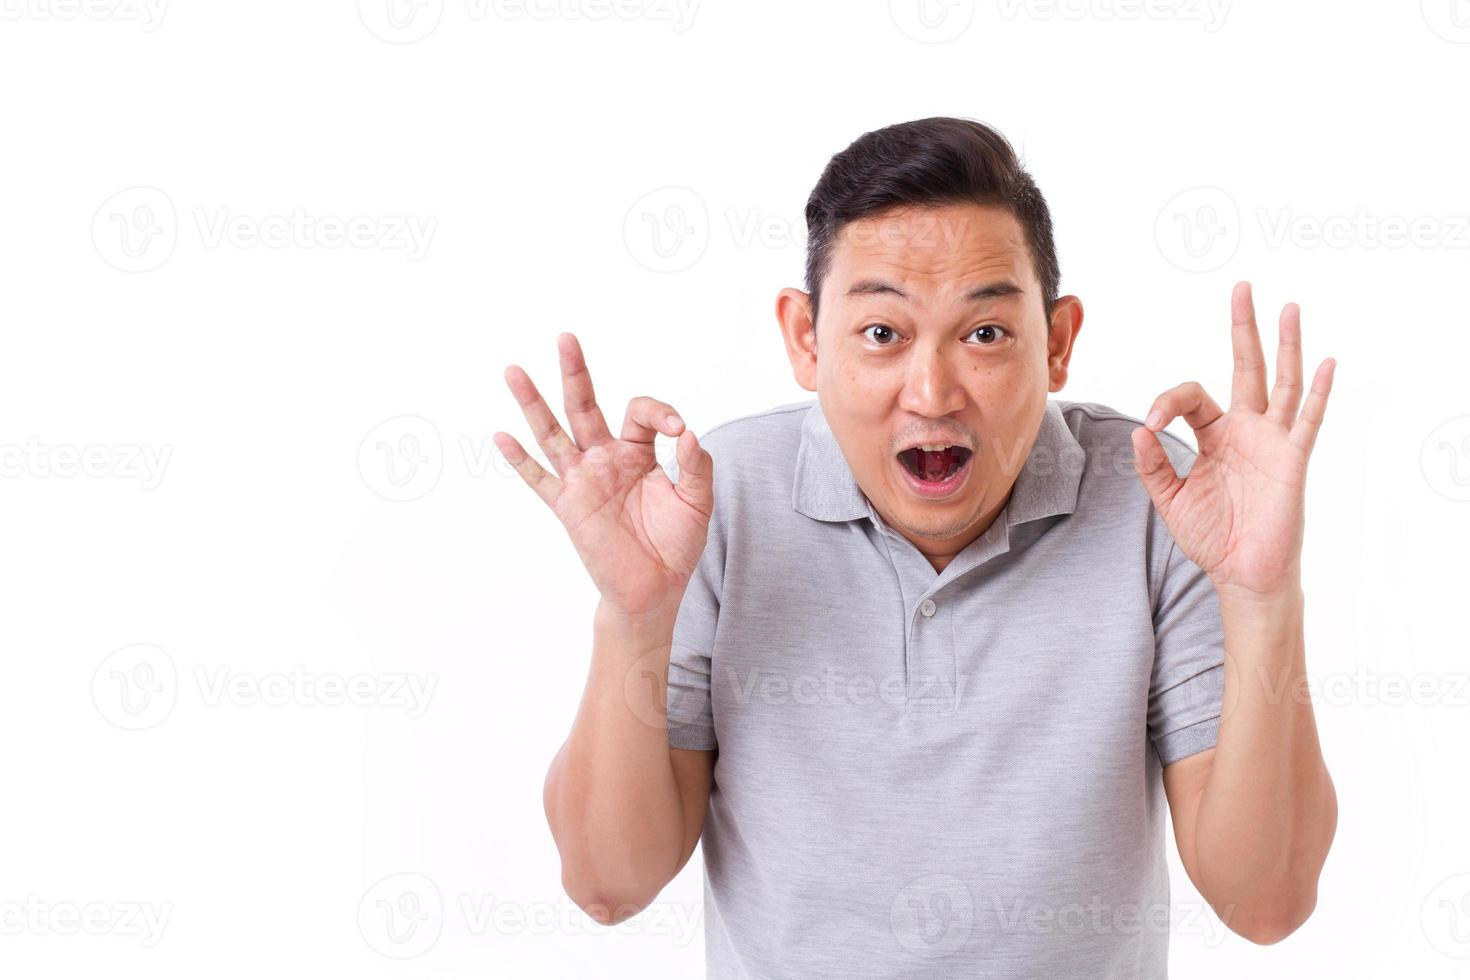 homem feliz, saiu, dando o gesto de sinal com a mão ok foto